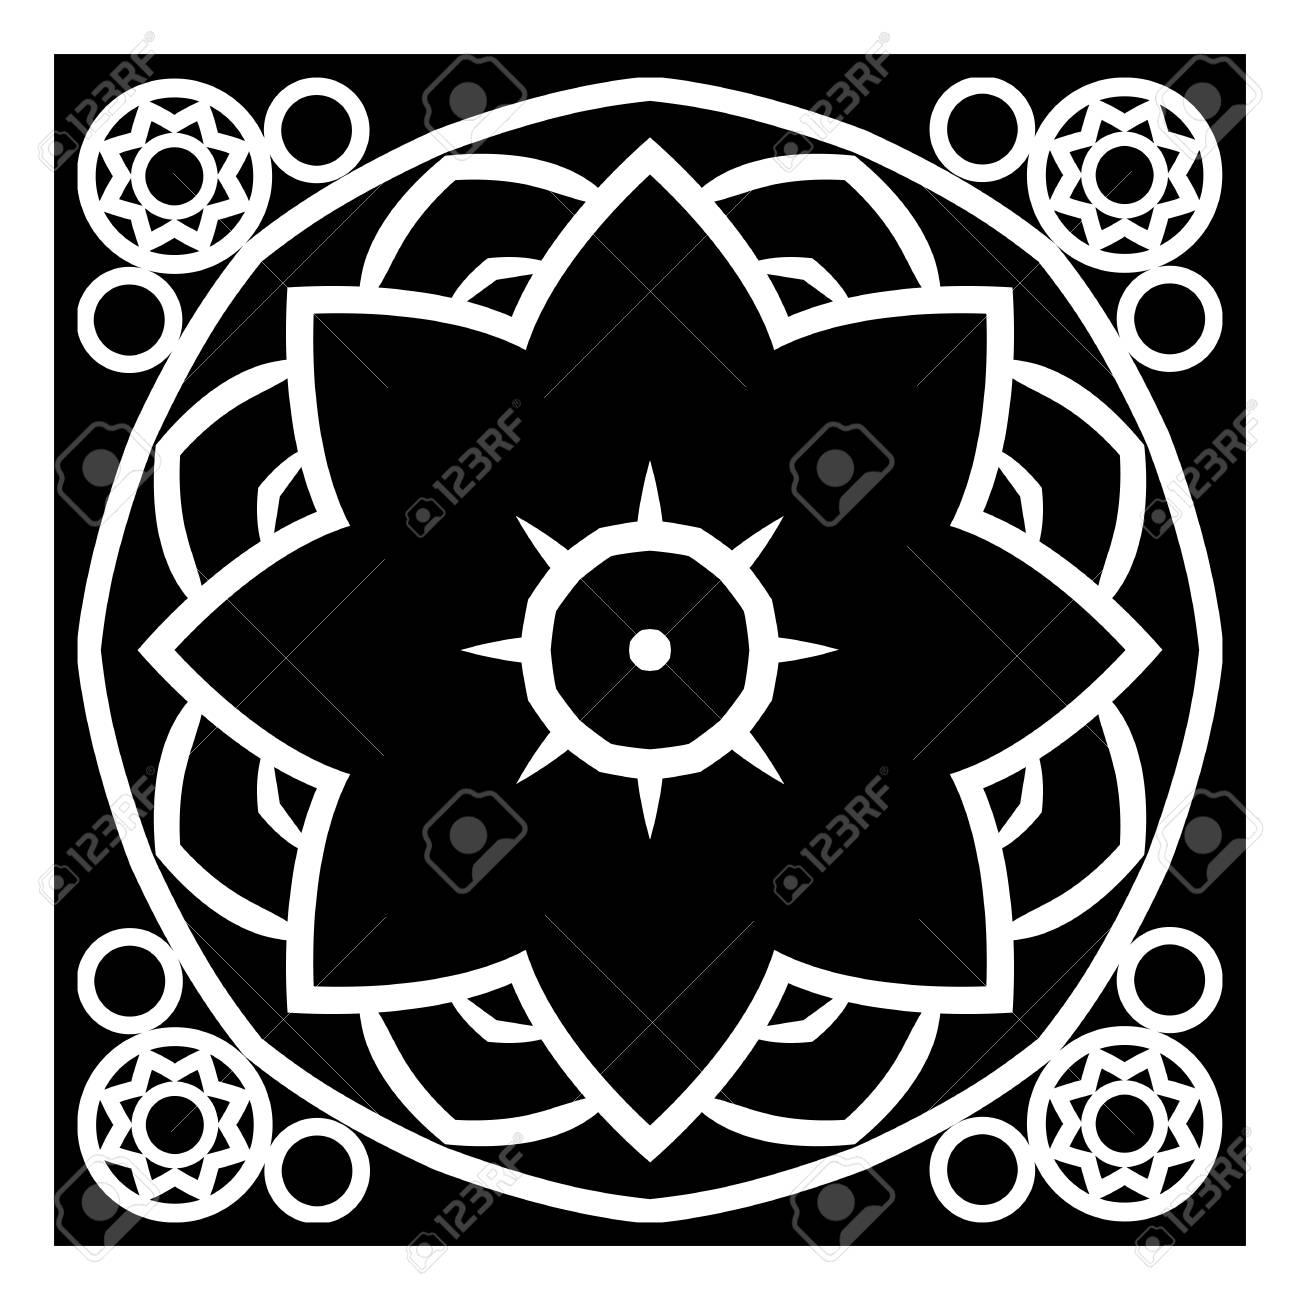 Dekoratives Element Für Das Design. Monochrome Druckt Geometrisches ...